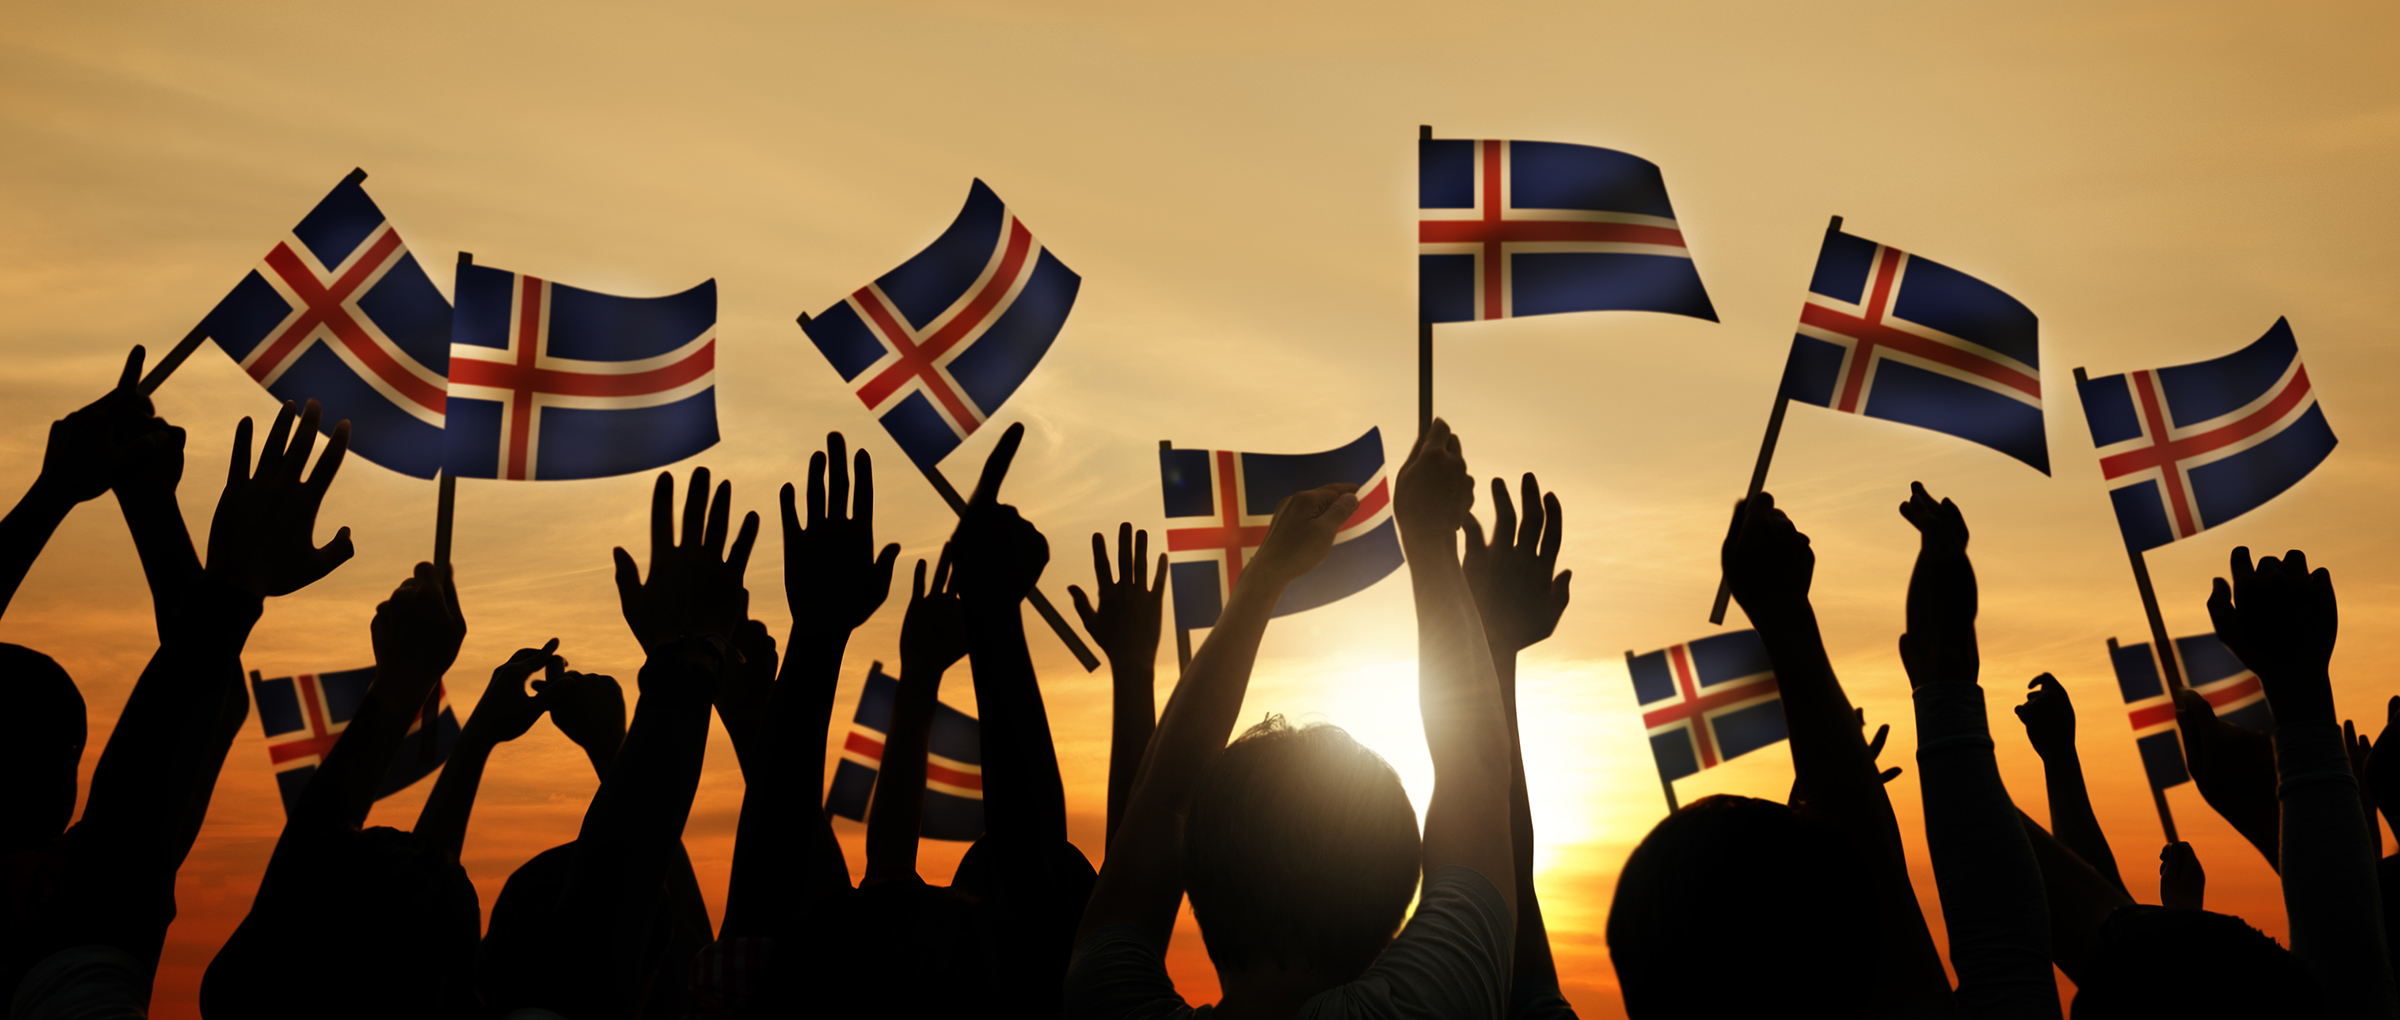 Islandia propone legalizar la gestación subrogada